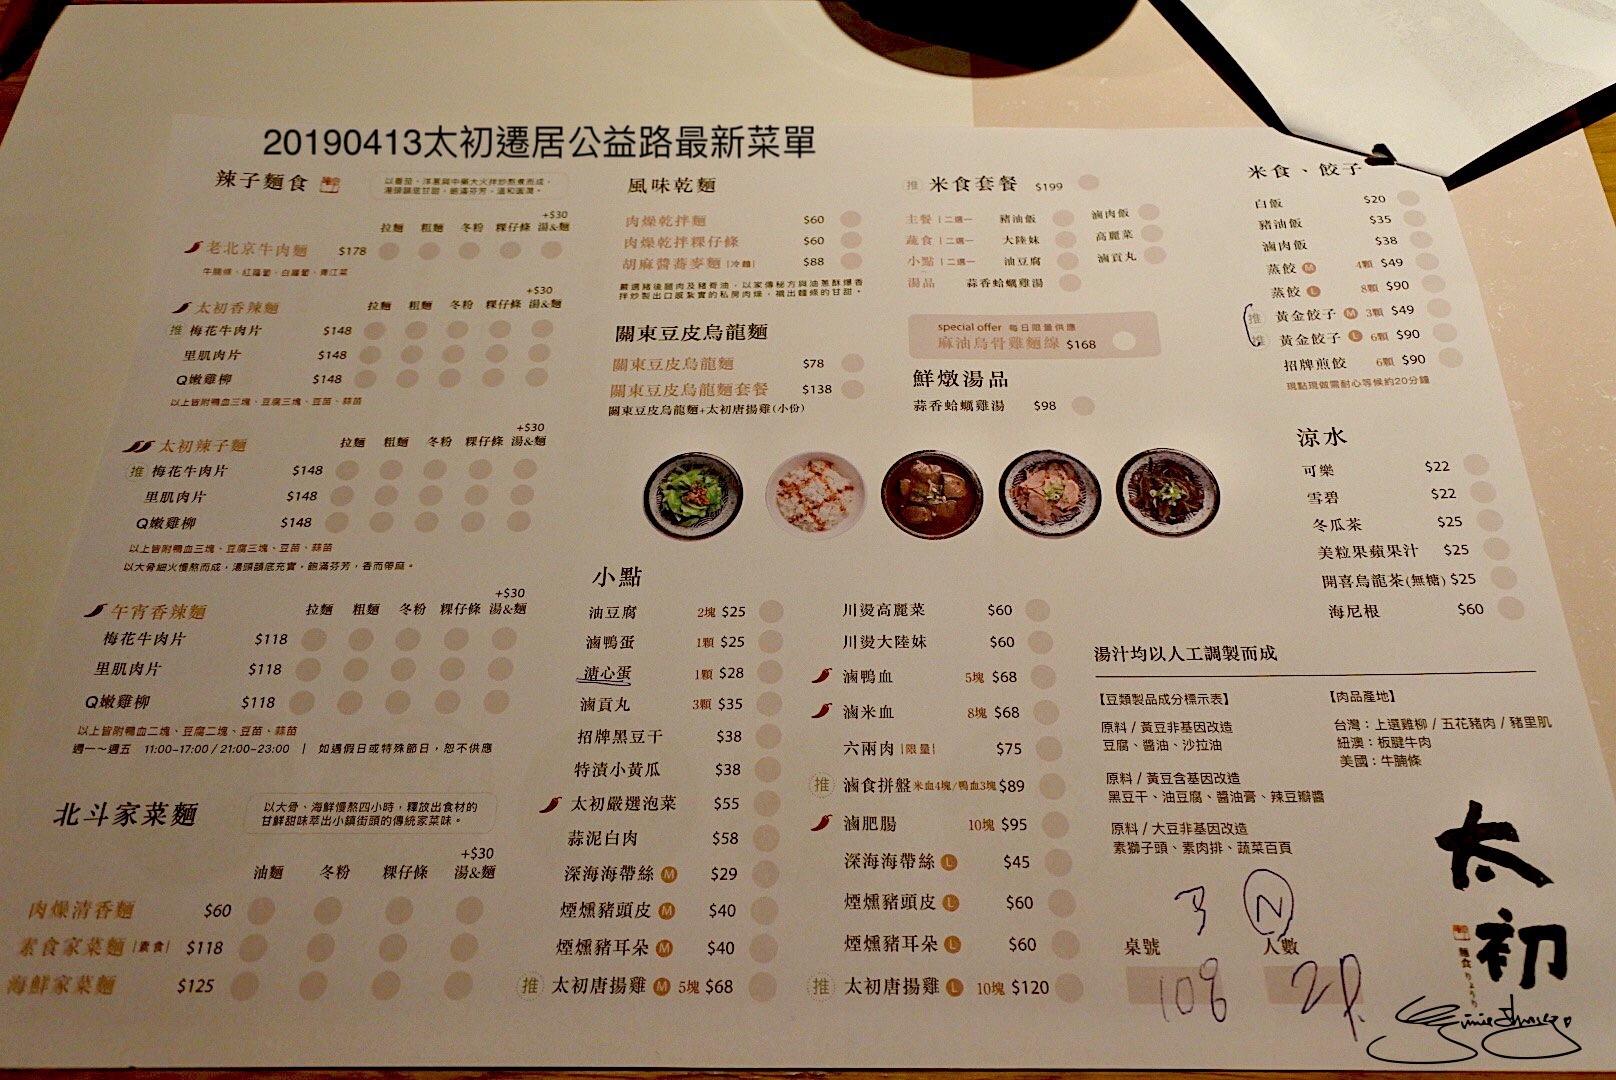 太初 台中公益店 菜單